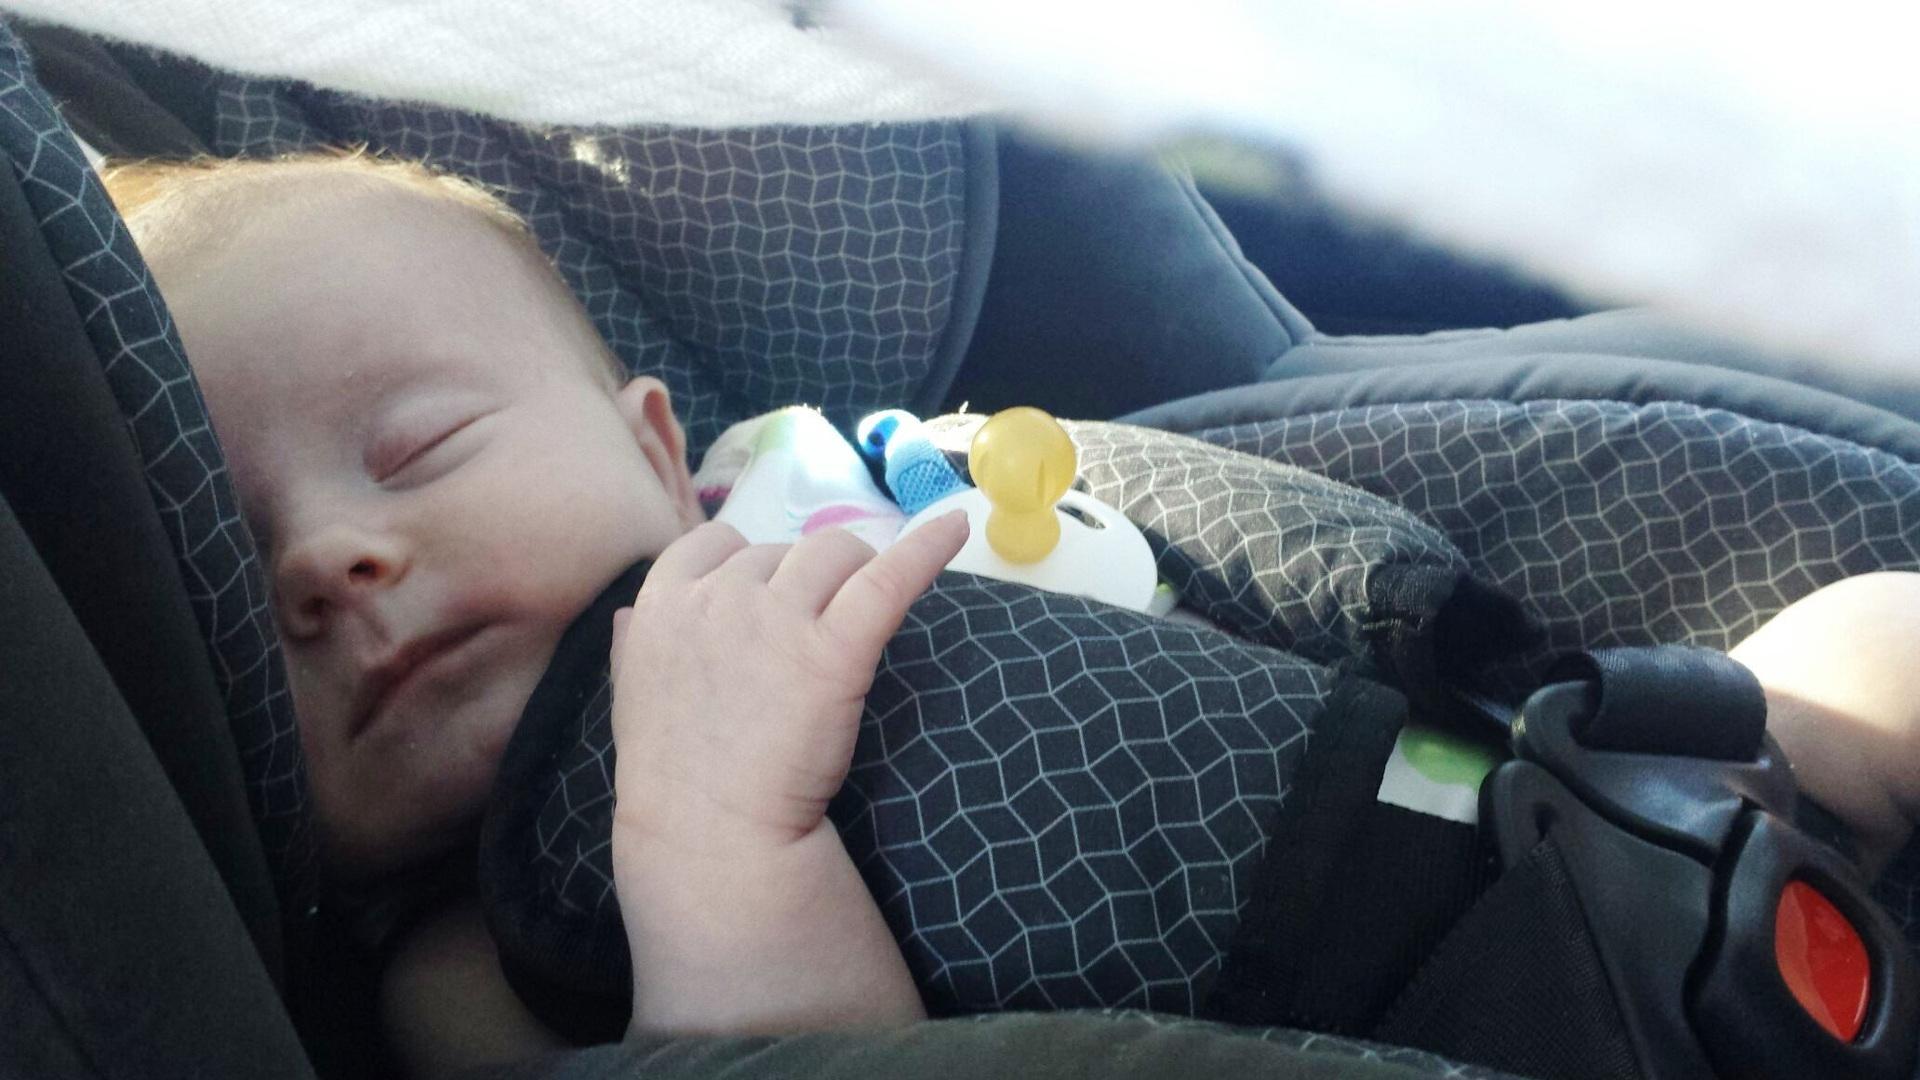 Llevar el abrigo en la silla del coche aumenta el riesgo de que el niño salga despedido.1920